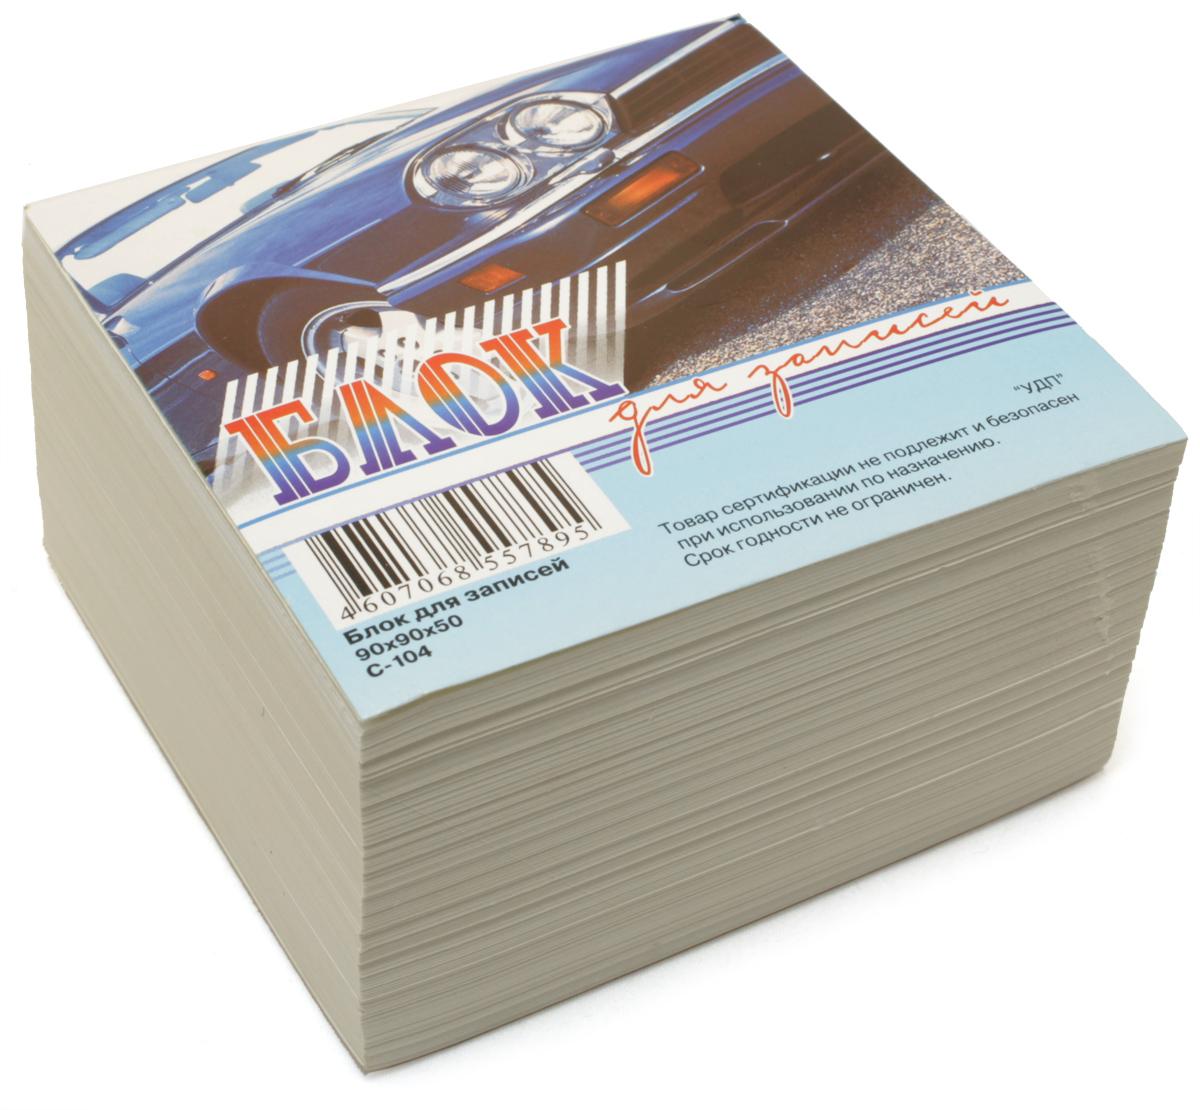 Ульяновский Дом печати Блок бумаги для записей белый С-104 С-041С-104 С-041Размеры: 90*90*50, цвет белый, без склейки, офсет, в термоупаковке.